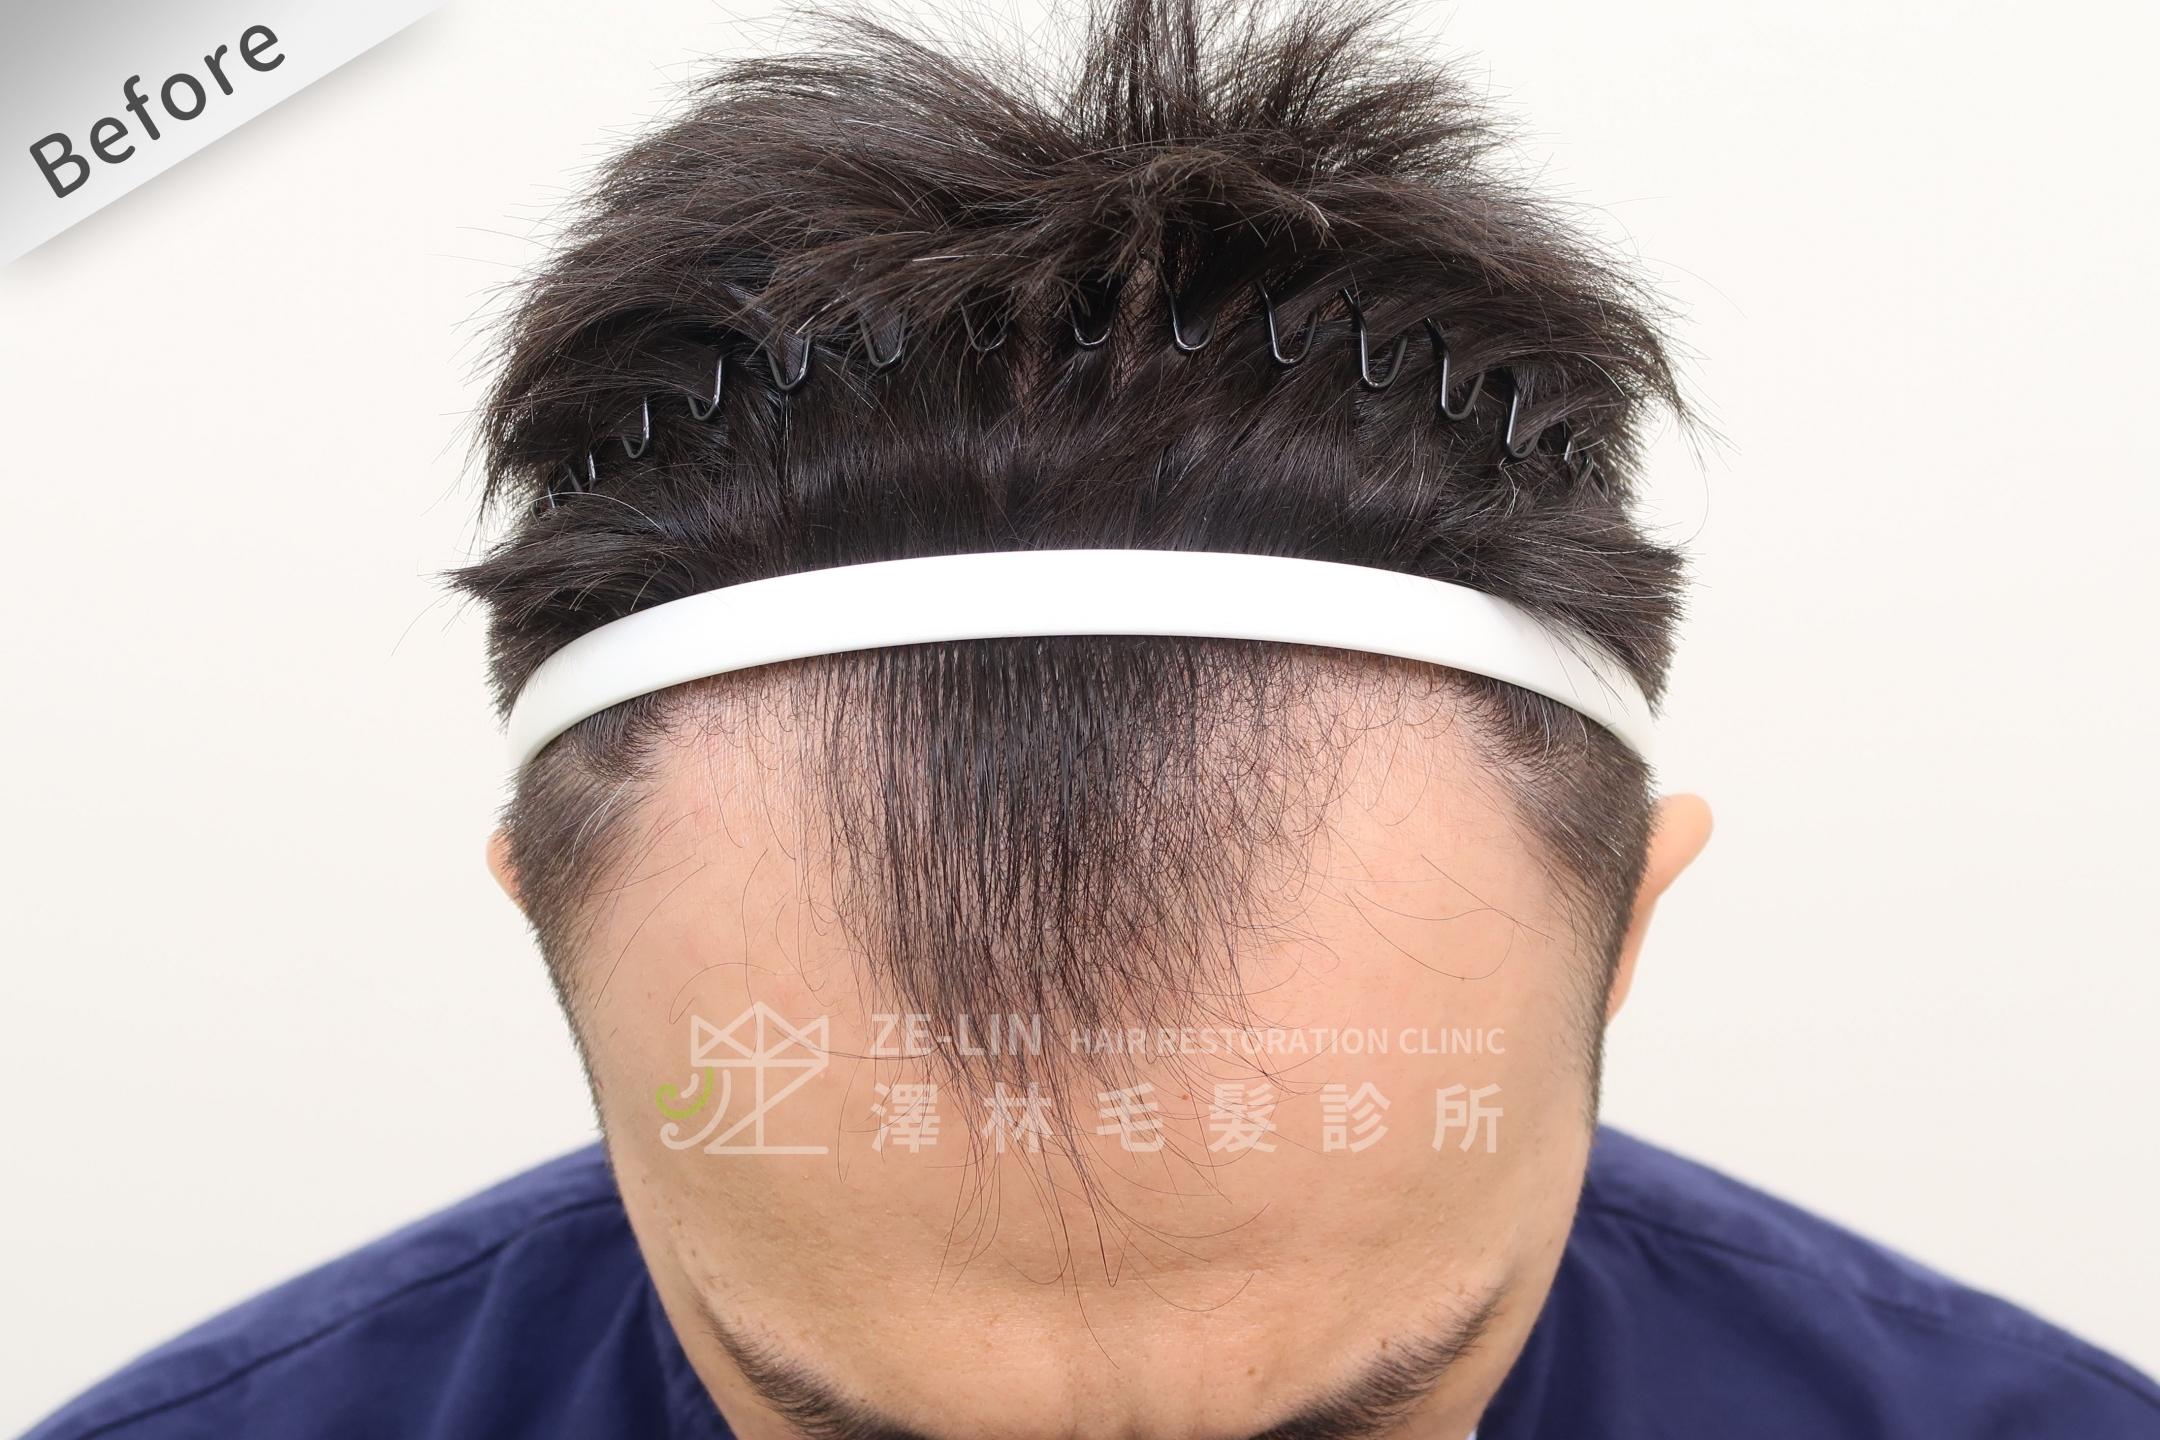 M型禿植髮推薦案例心得分享術前9-2